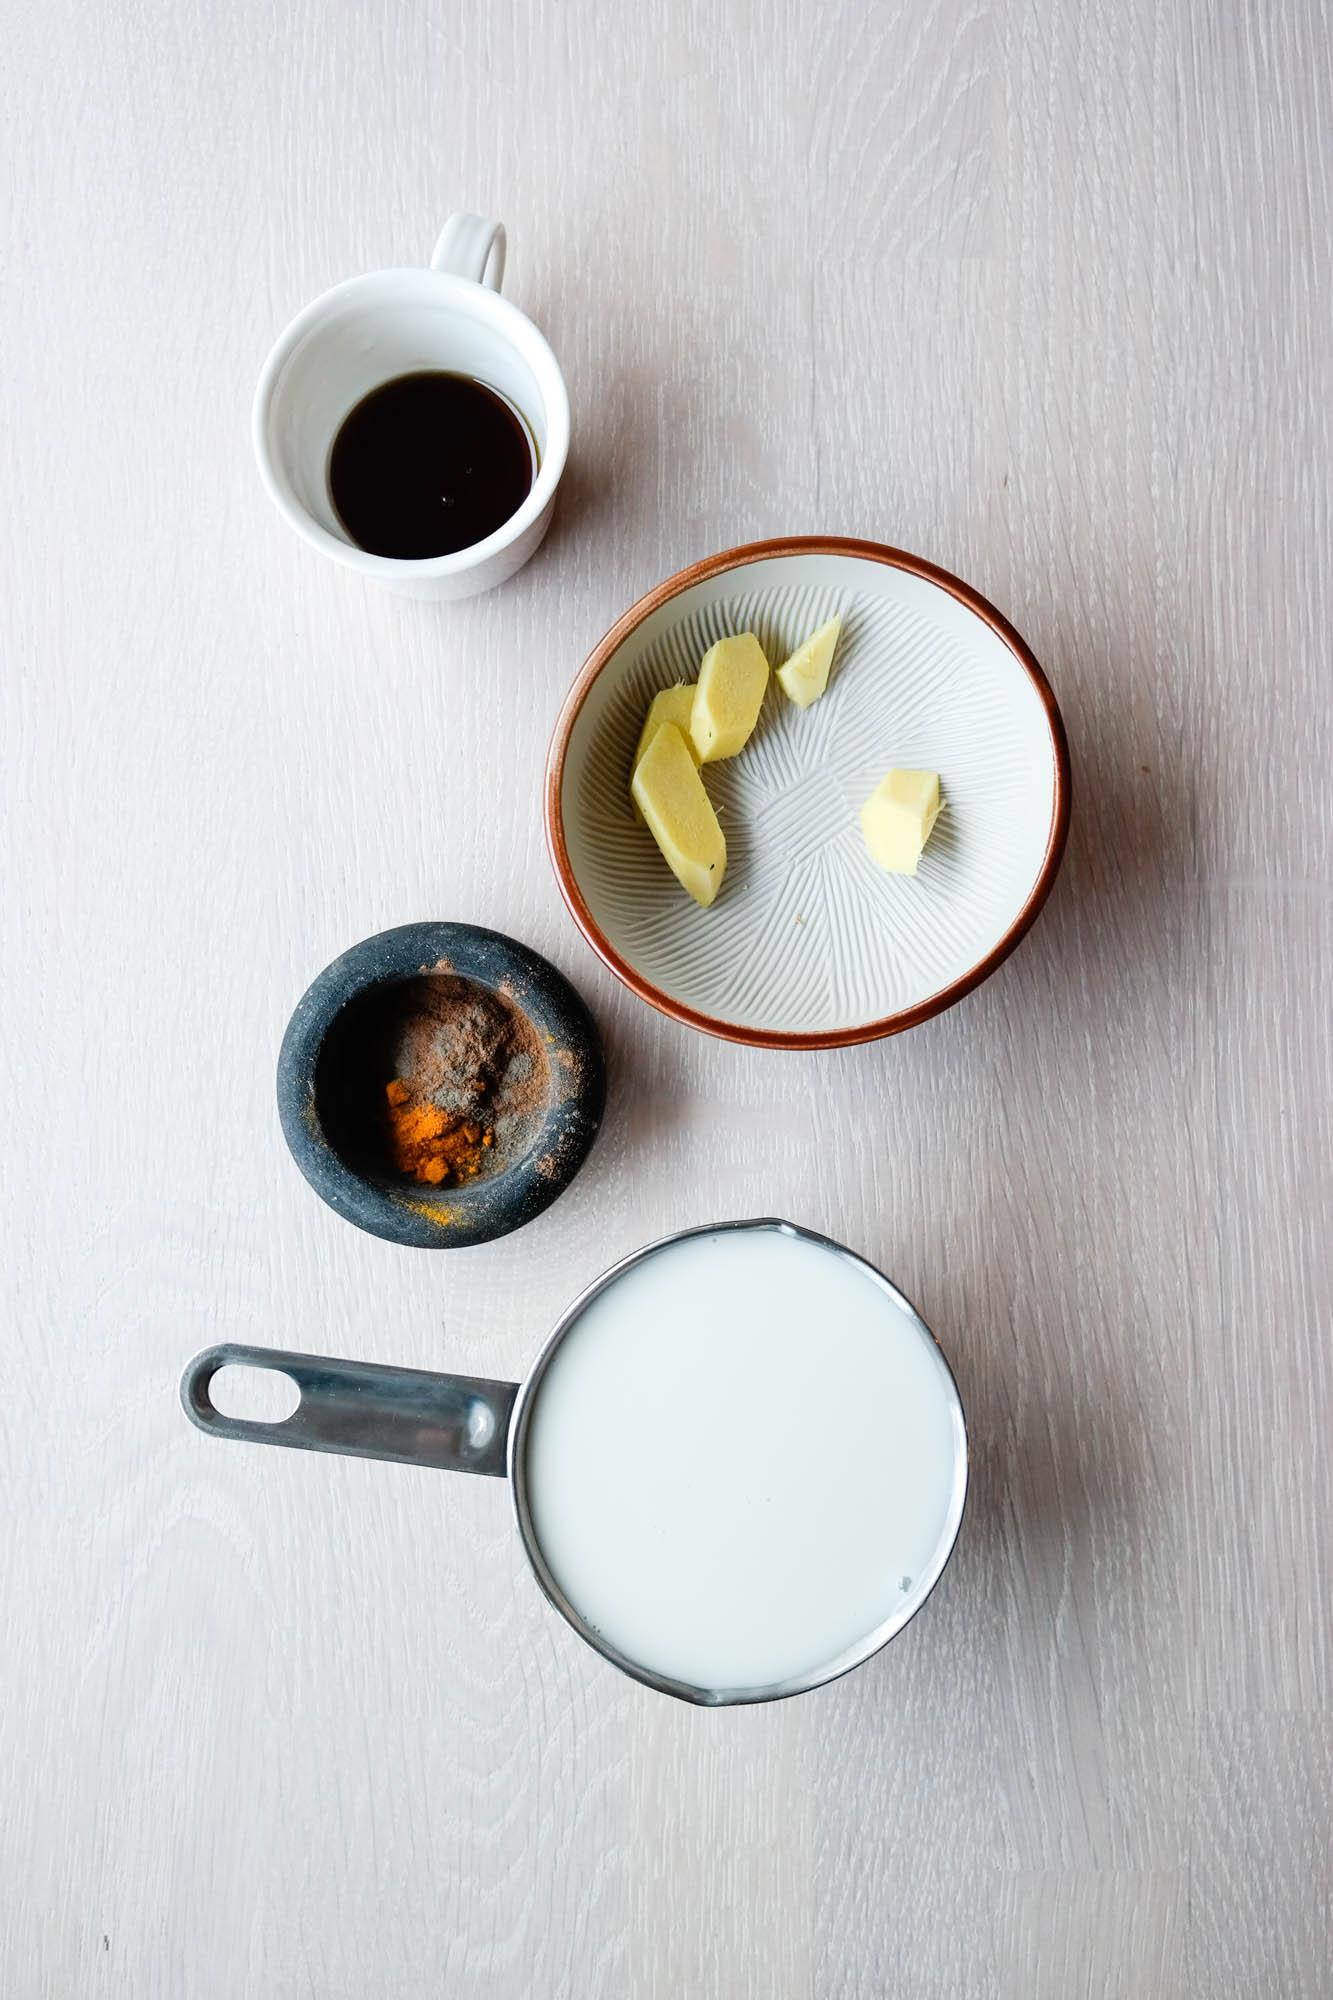 Lag krydret, varm mandelmelk med smak av ingefær, gurkemeie og kanel. SÅ godt i vinterkulda!